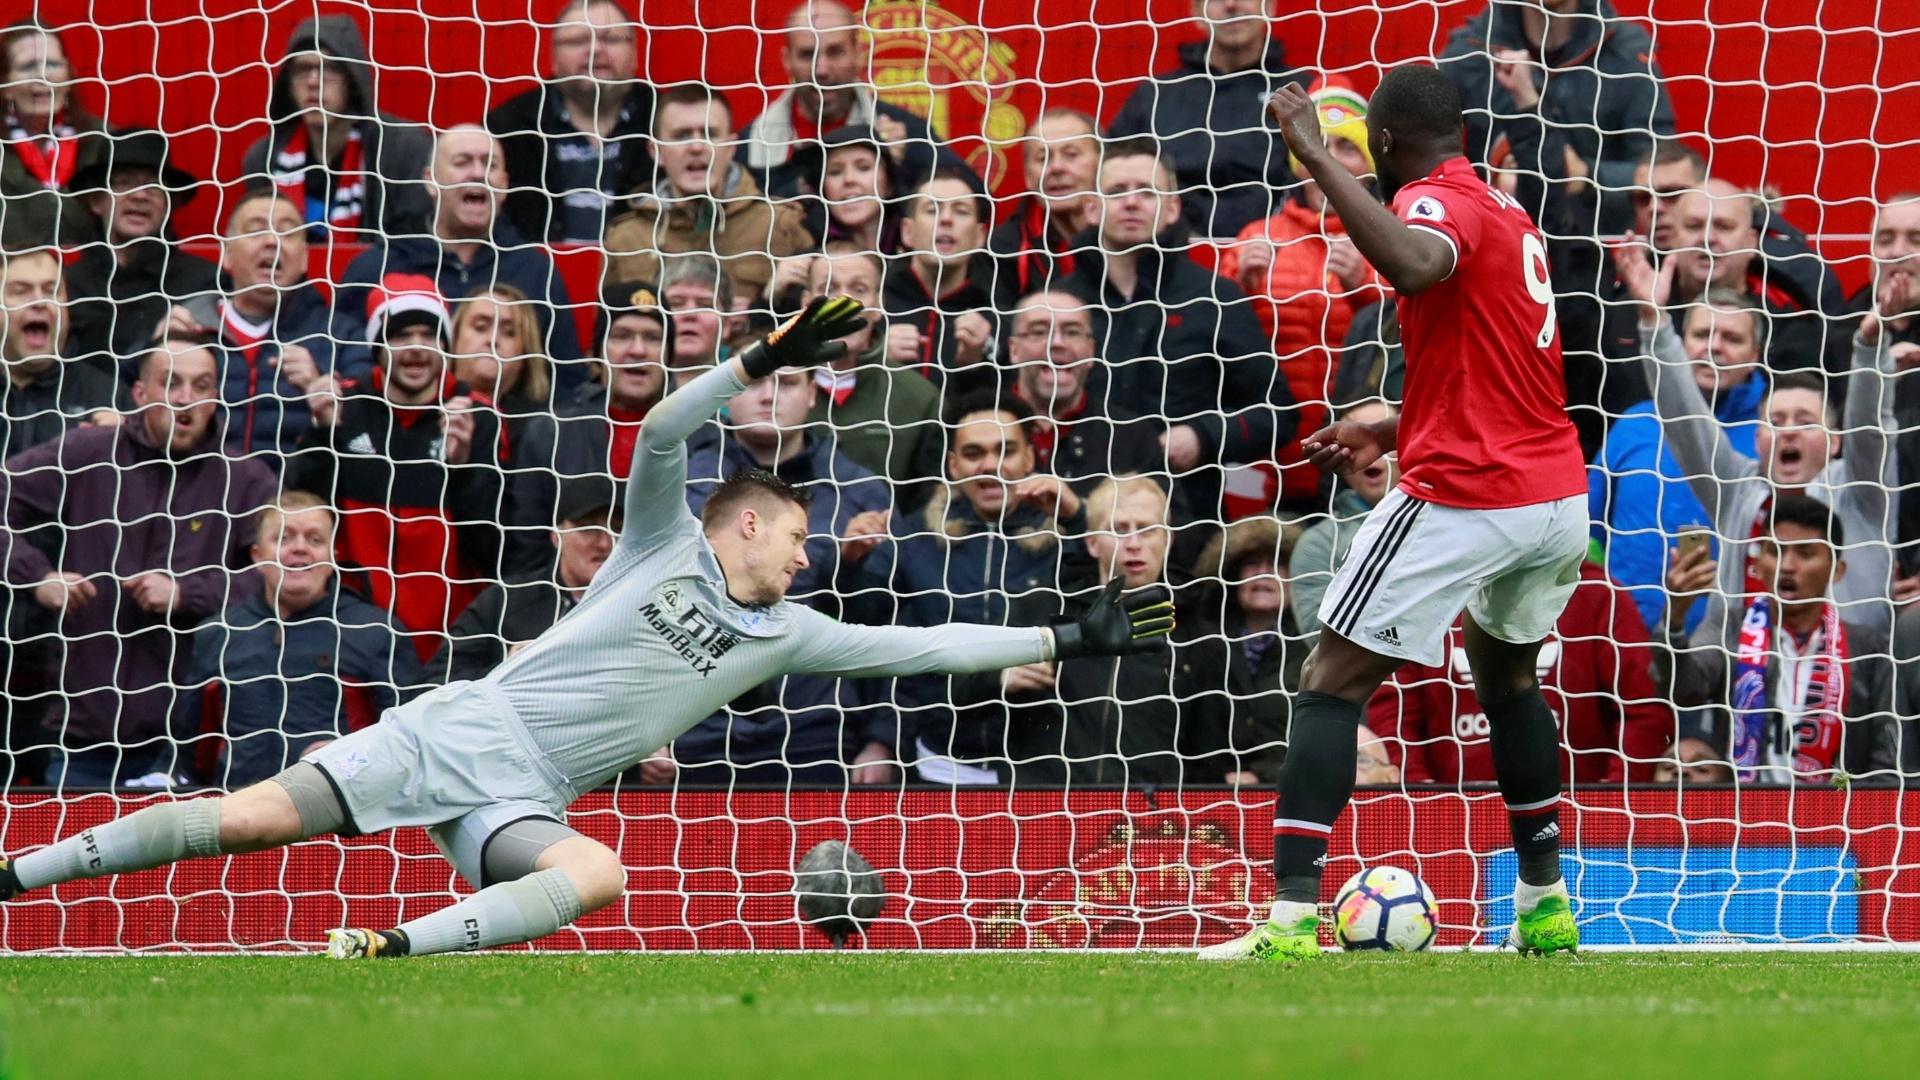 Lukaku marca o quarto gol do United sobre o Crystal Palace